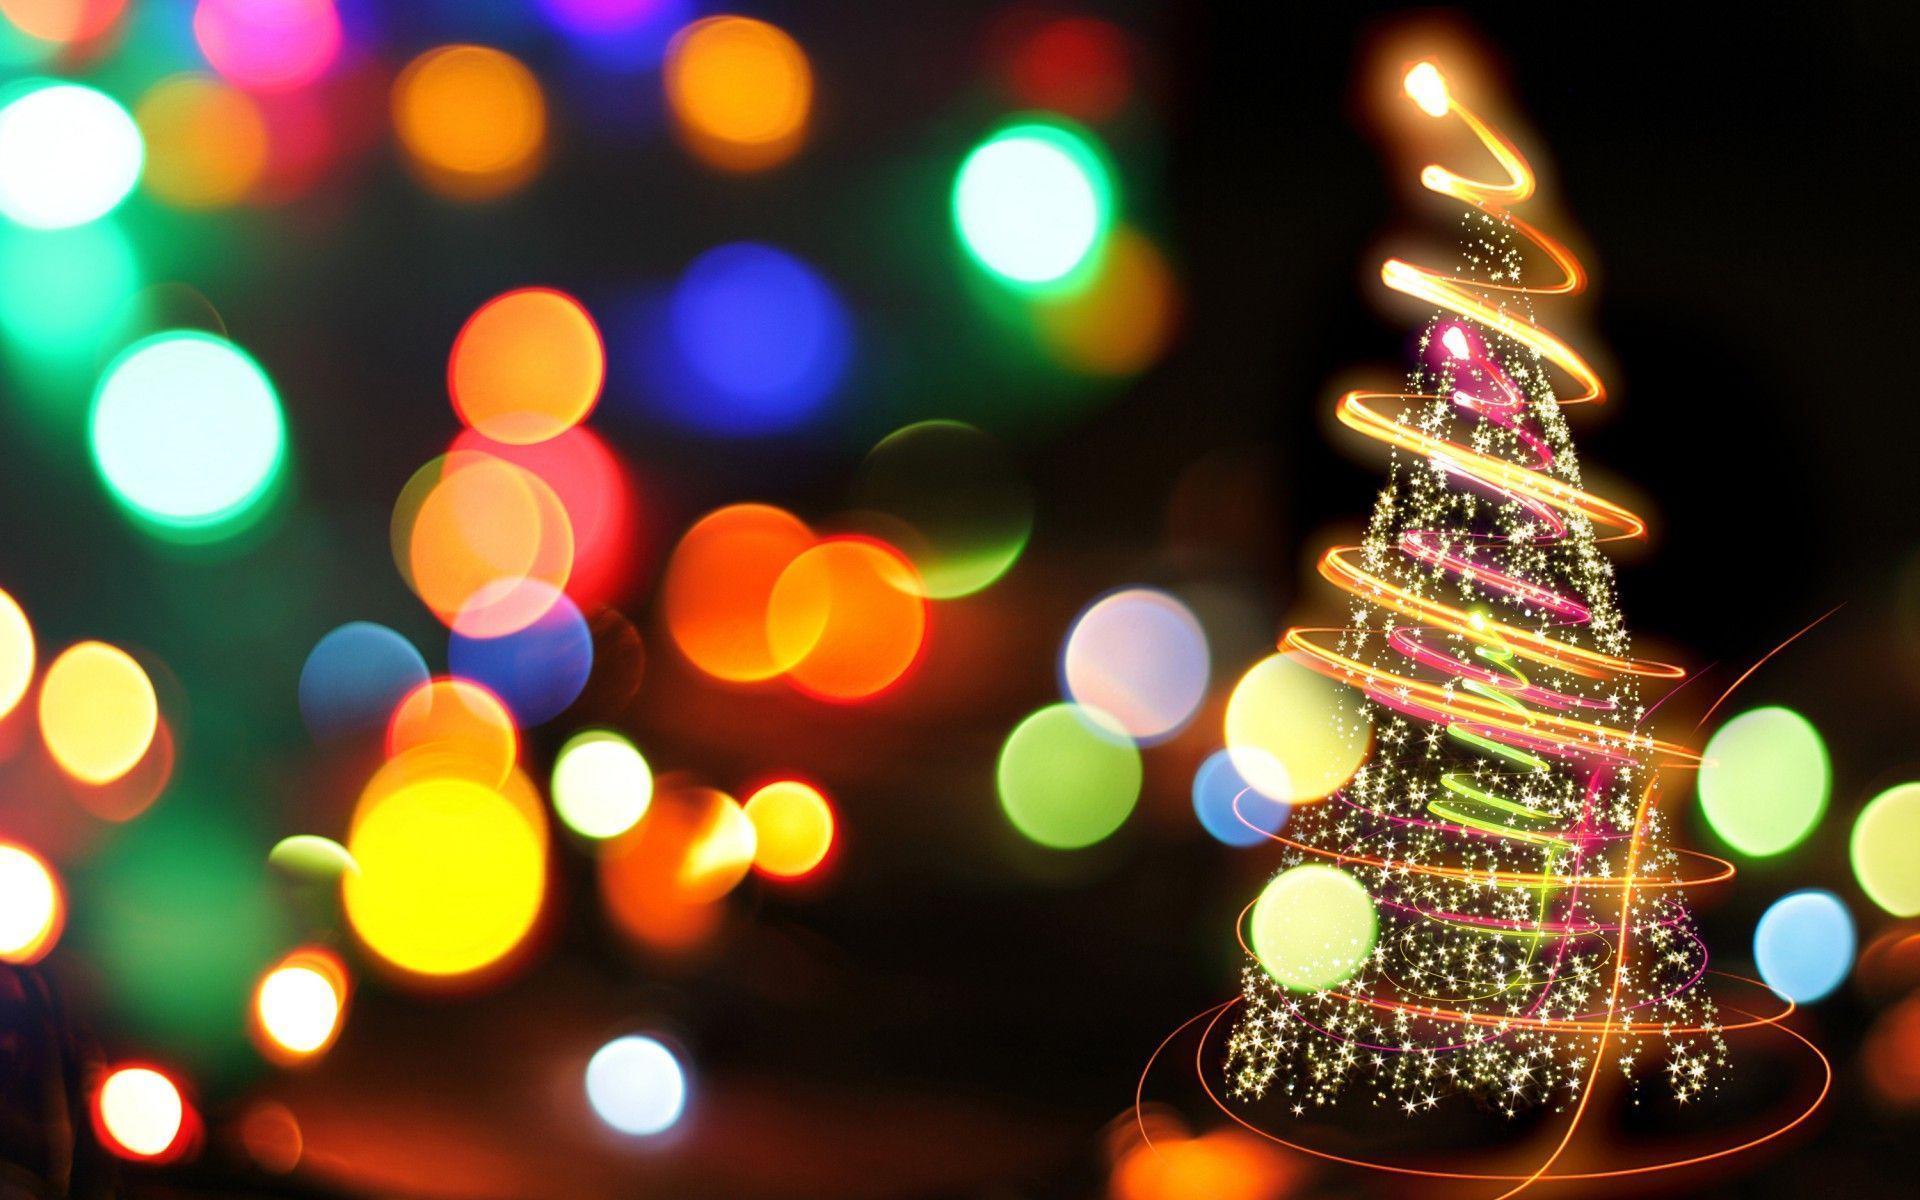 Christmas Lights Wallpapers Top Free Christmas Lights